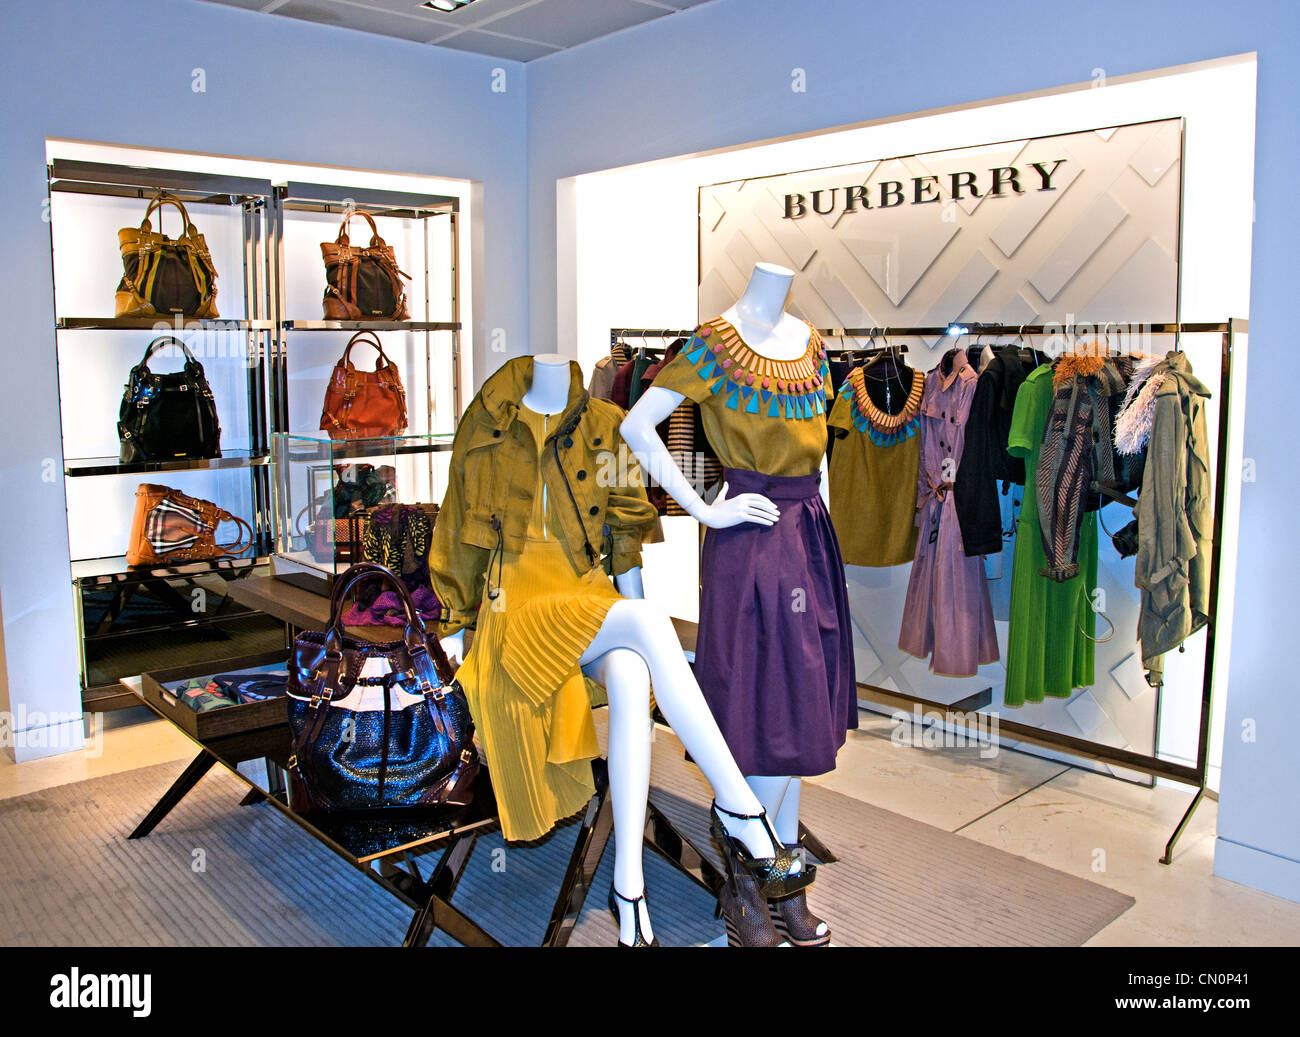 Burberry Le Bon Marché Paris France Fashion department store - Stock Image